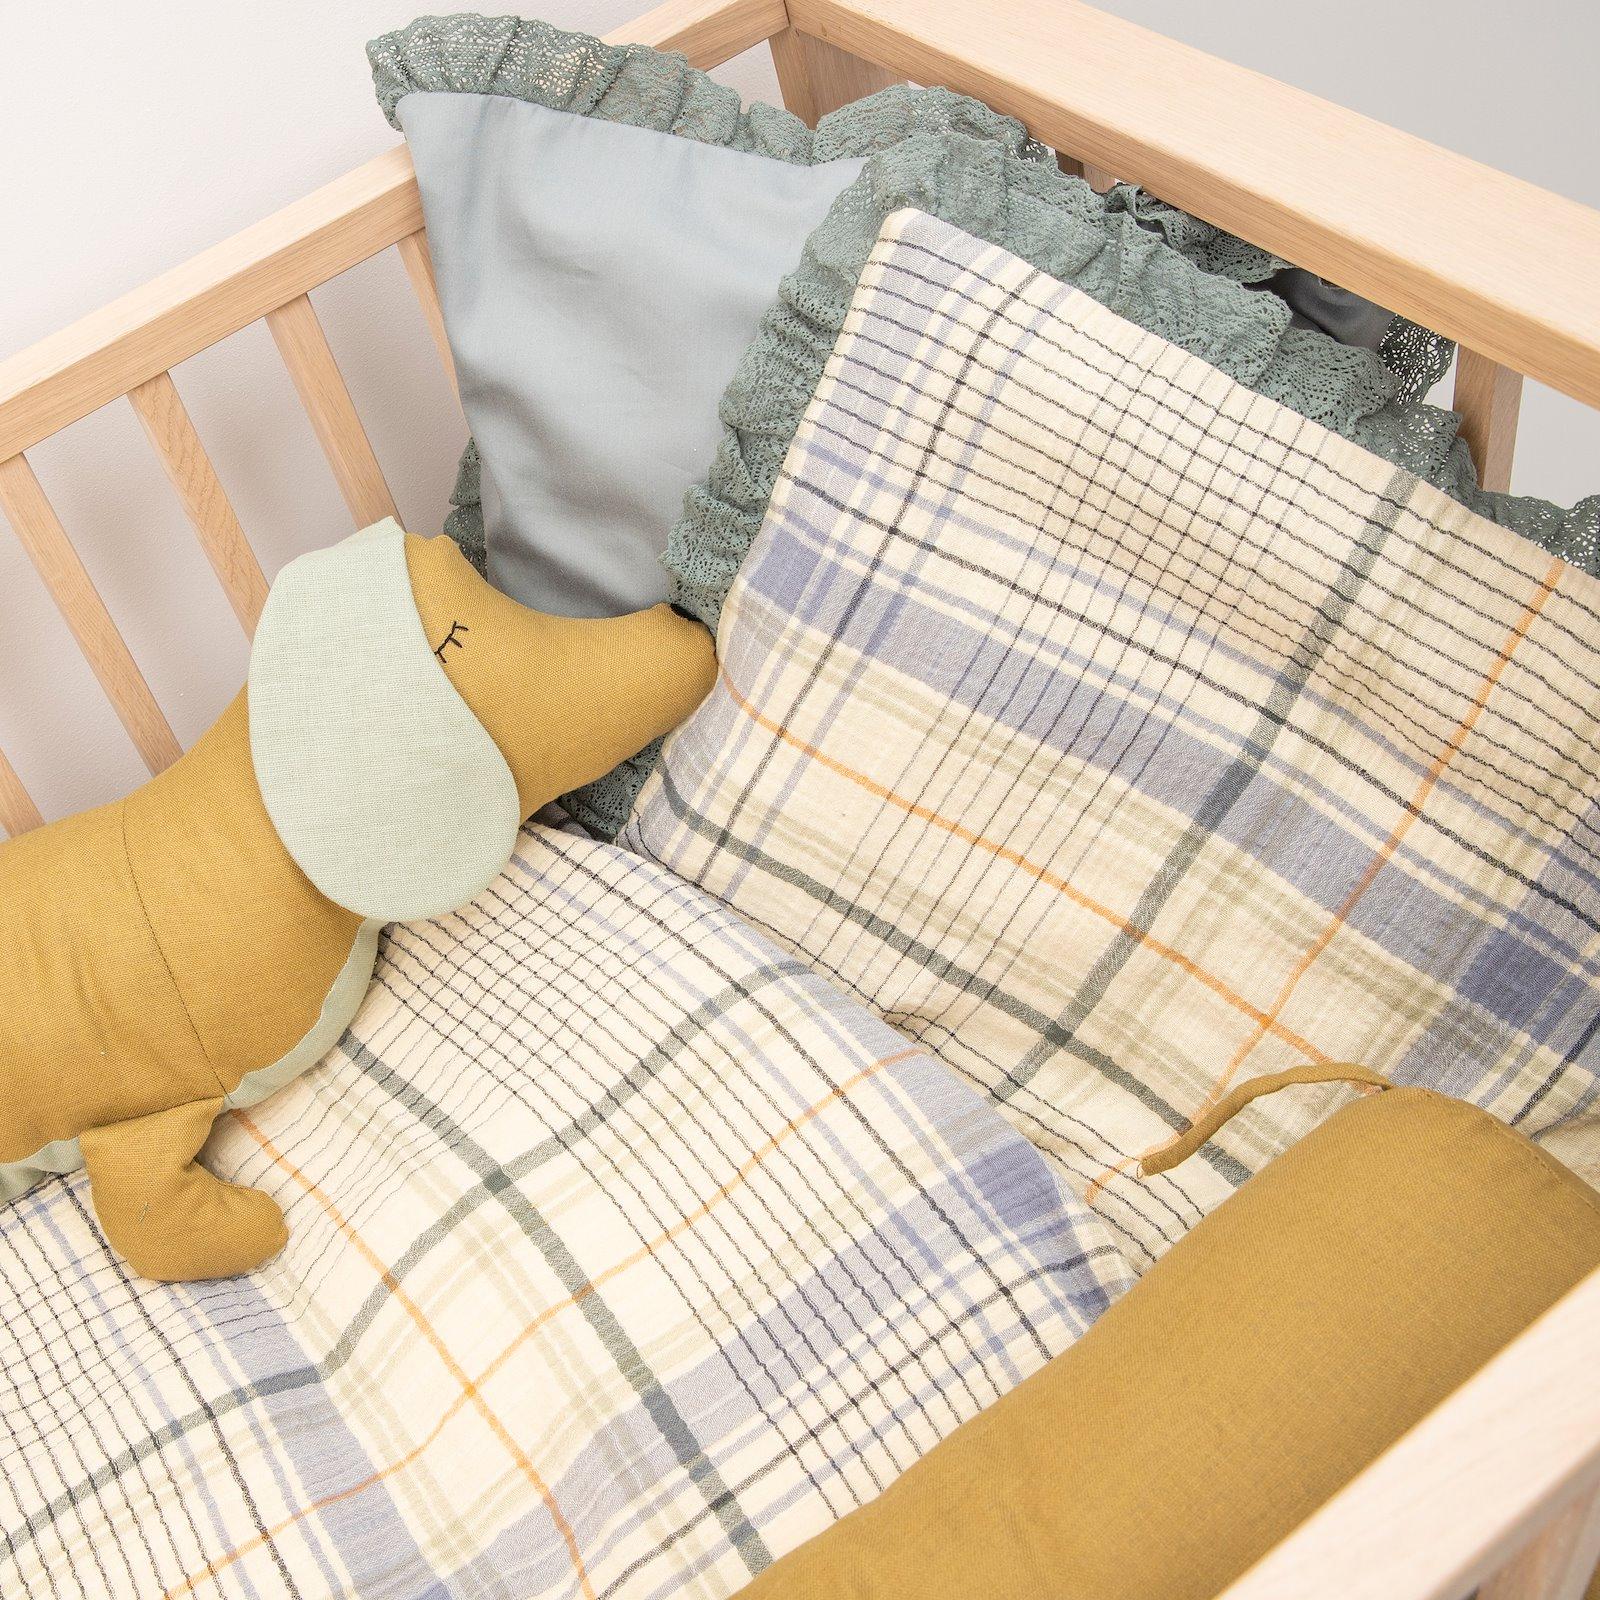 Linen/cotton light dusty green p90076_501897_22246_p90316_410131_410146_bundle